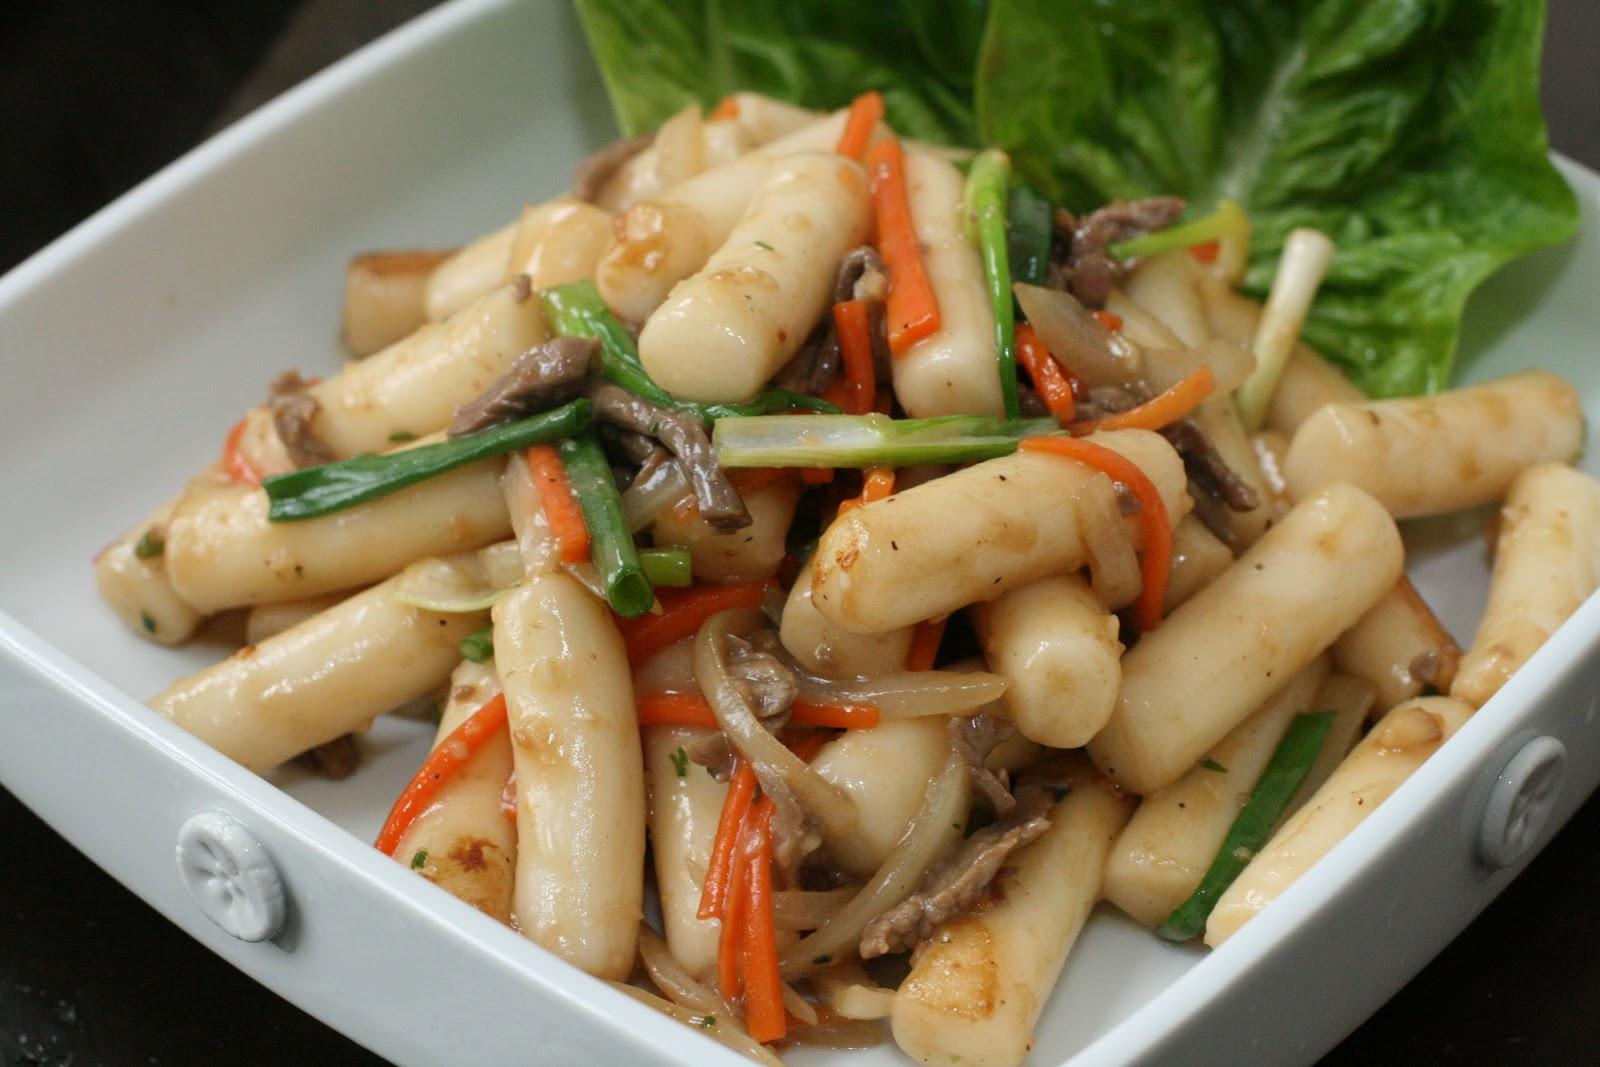 Rice Cake Recipe Korean Spicy: Week Of Menus: Korean Stir Fried Non-Spicy Rice Cake